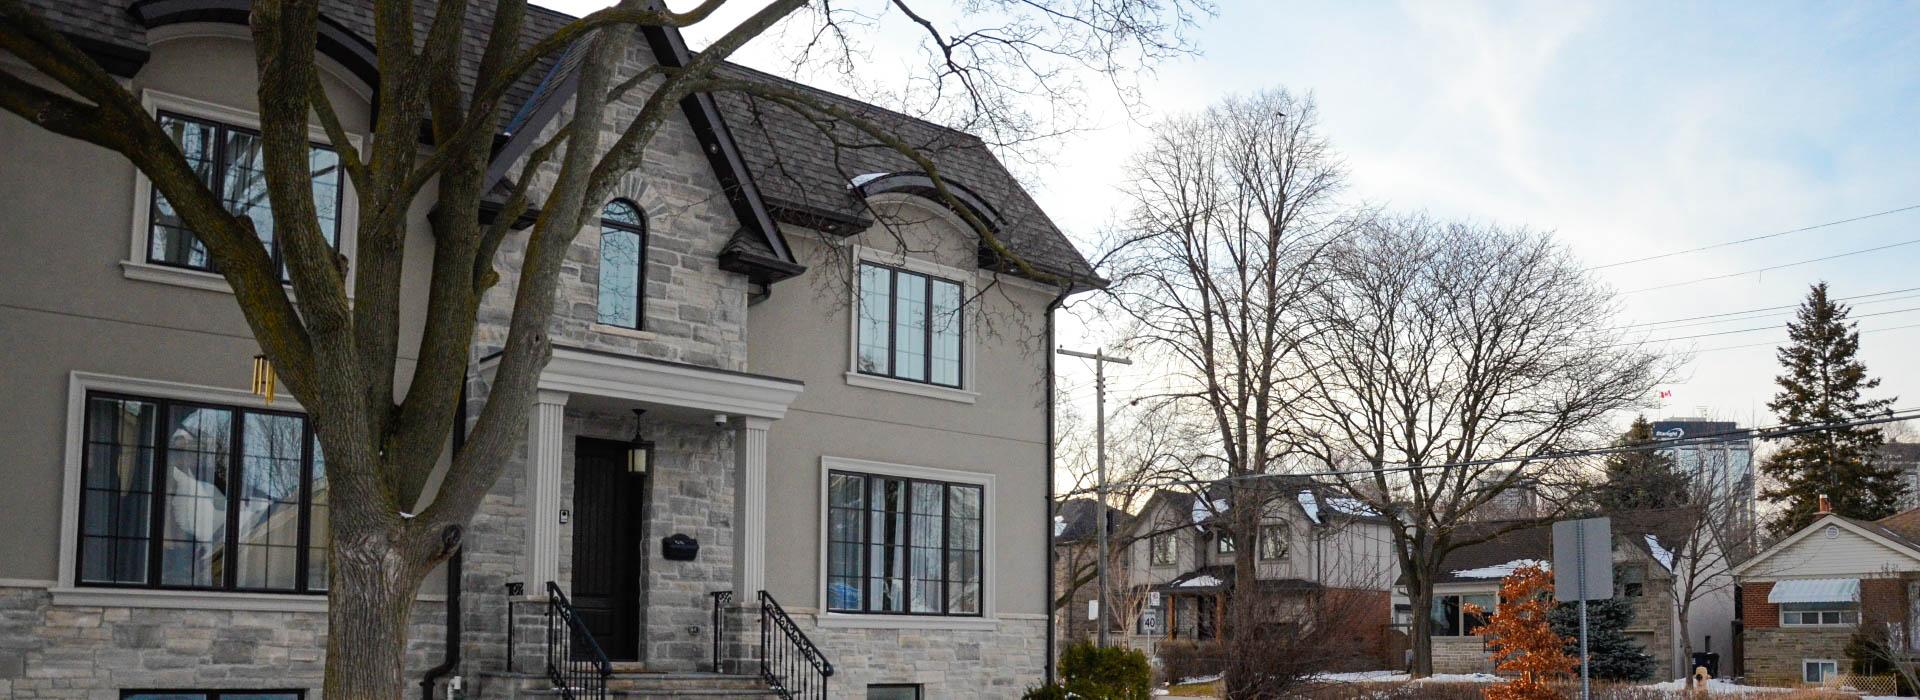 Агент по вопросу недвижимости  в Торонто которому доверяют